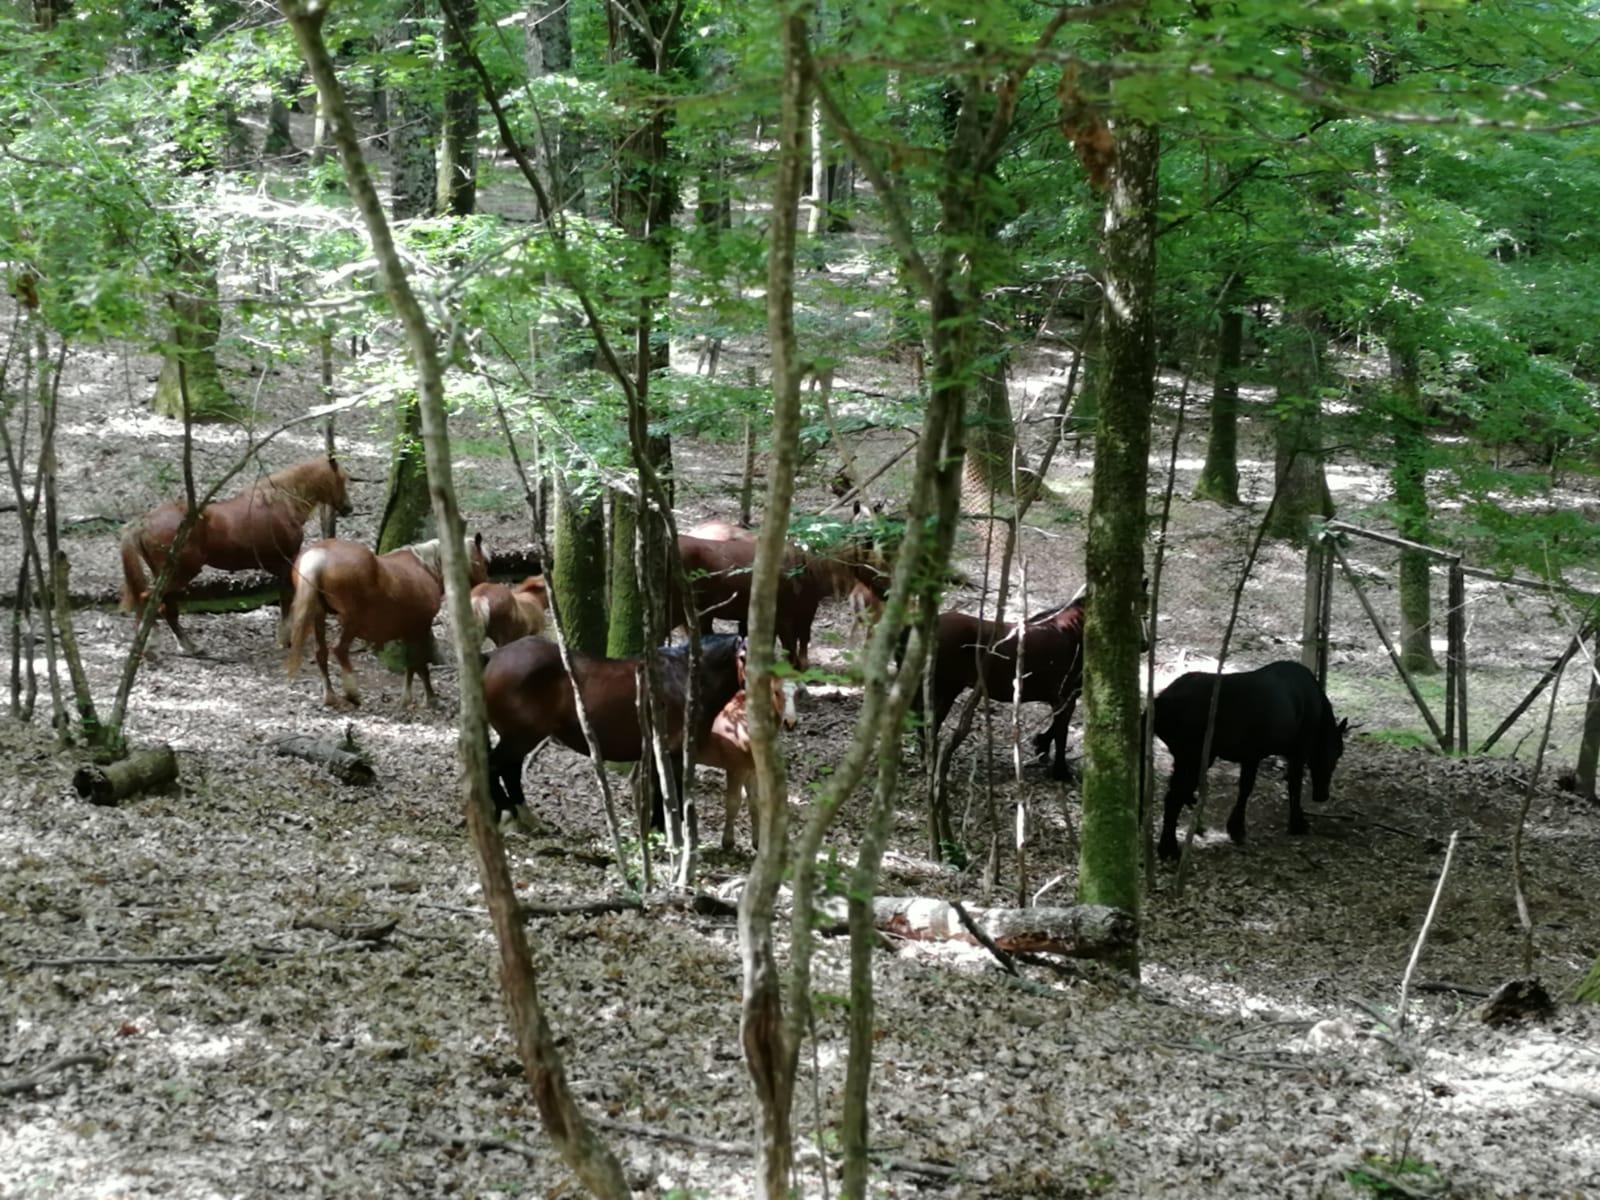 Vagavano tra le montagne, cavalli recuperati e trasferiti nella foresta di Montesano sulla Marcellana